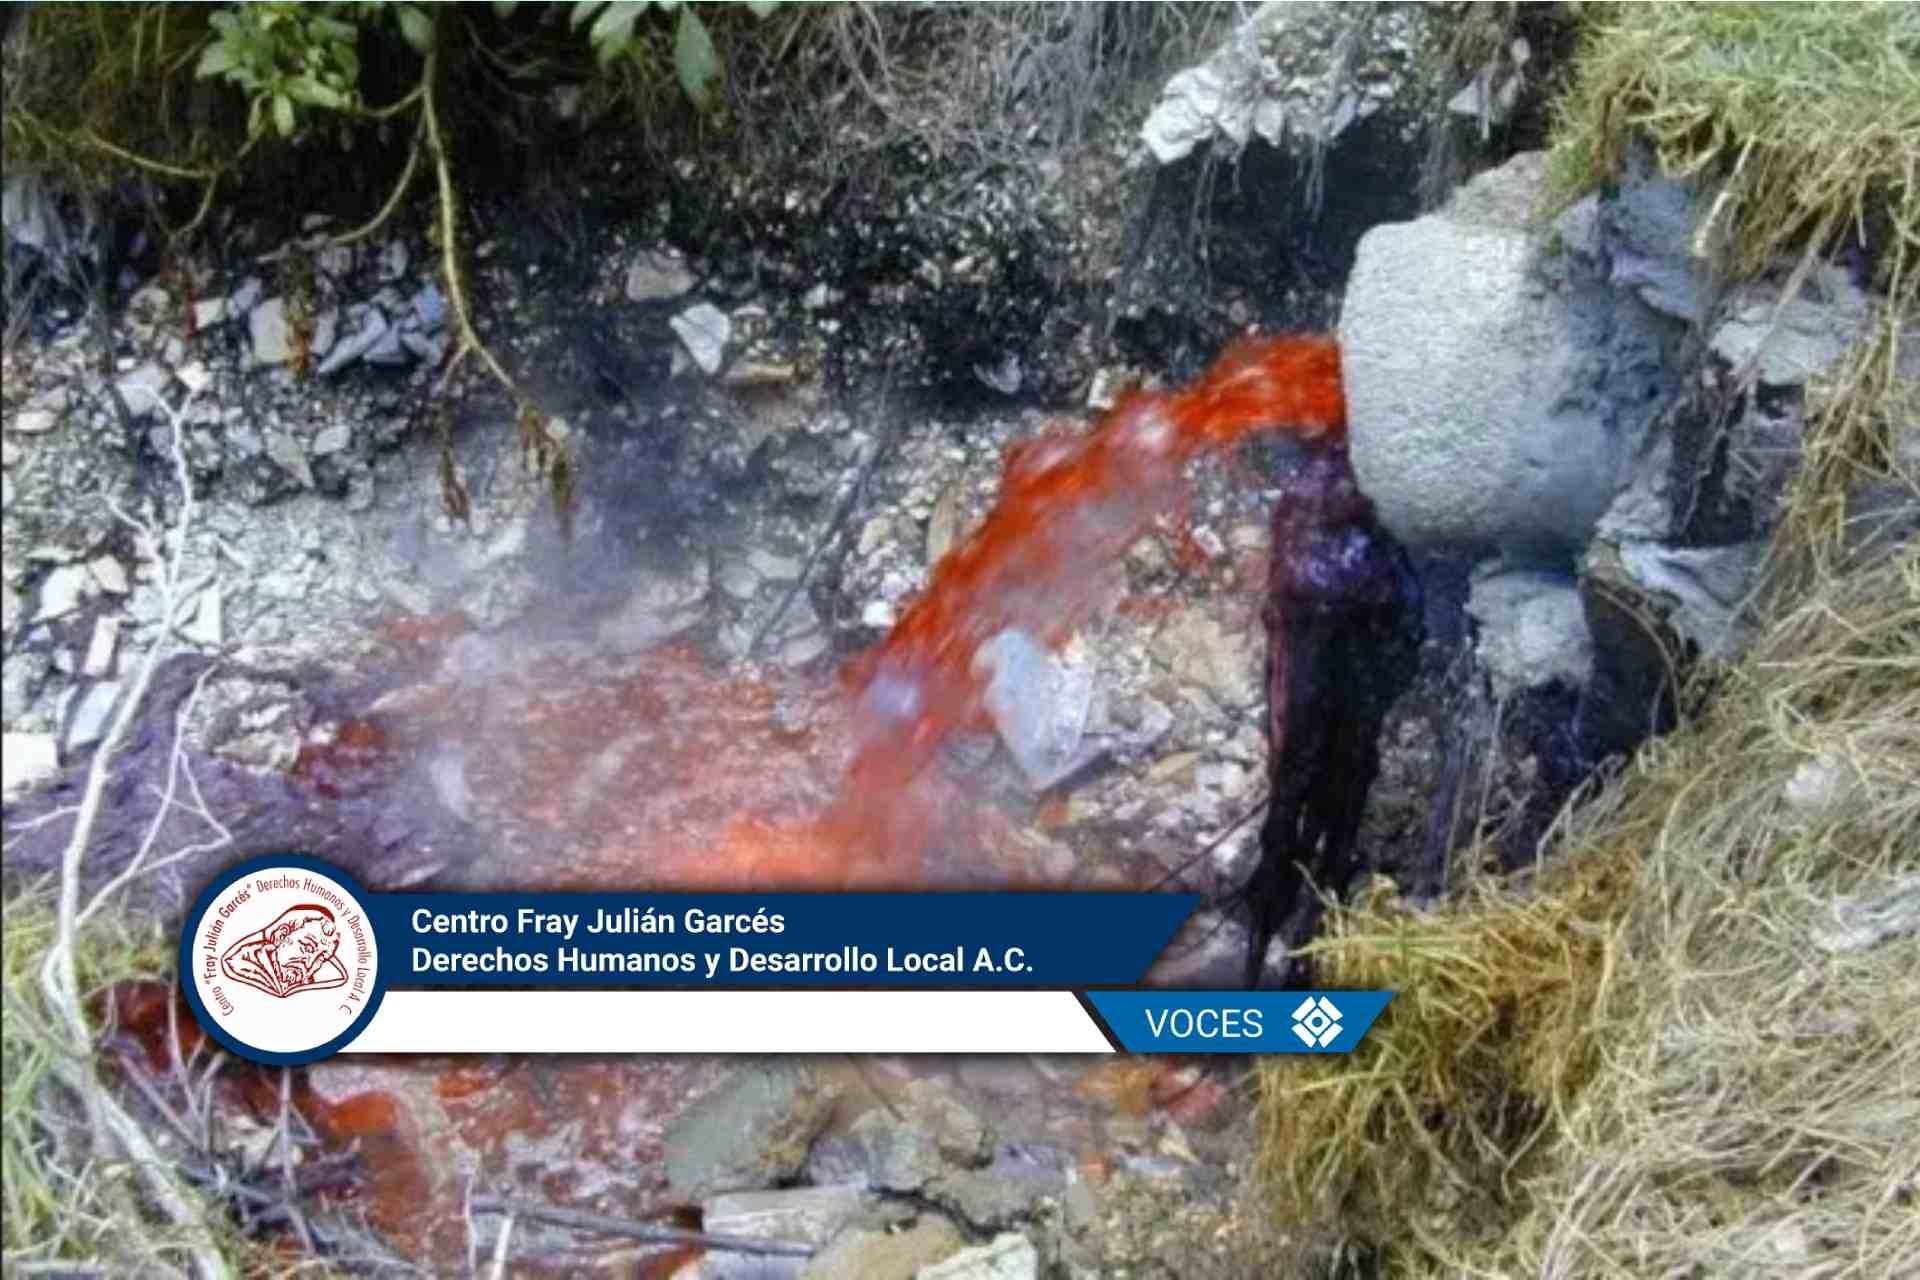 Atoyac-zahuapan-zona de sacrificio-Tlaxcala-Centro Fray Julián Garcés-Derechos Humanos y Desarrollo Local